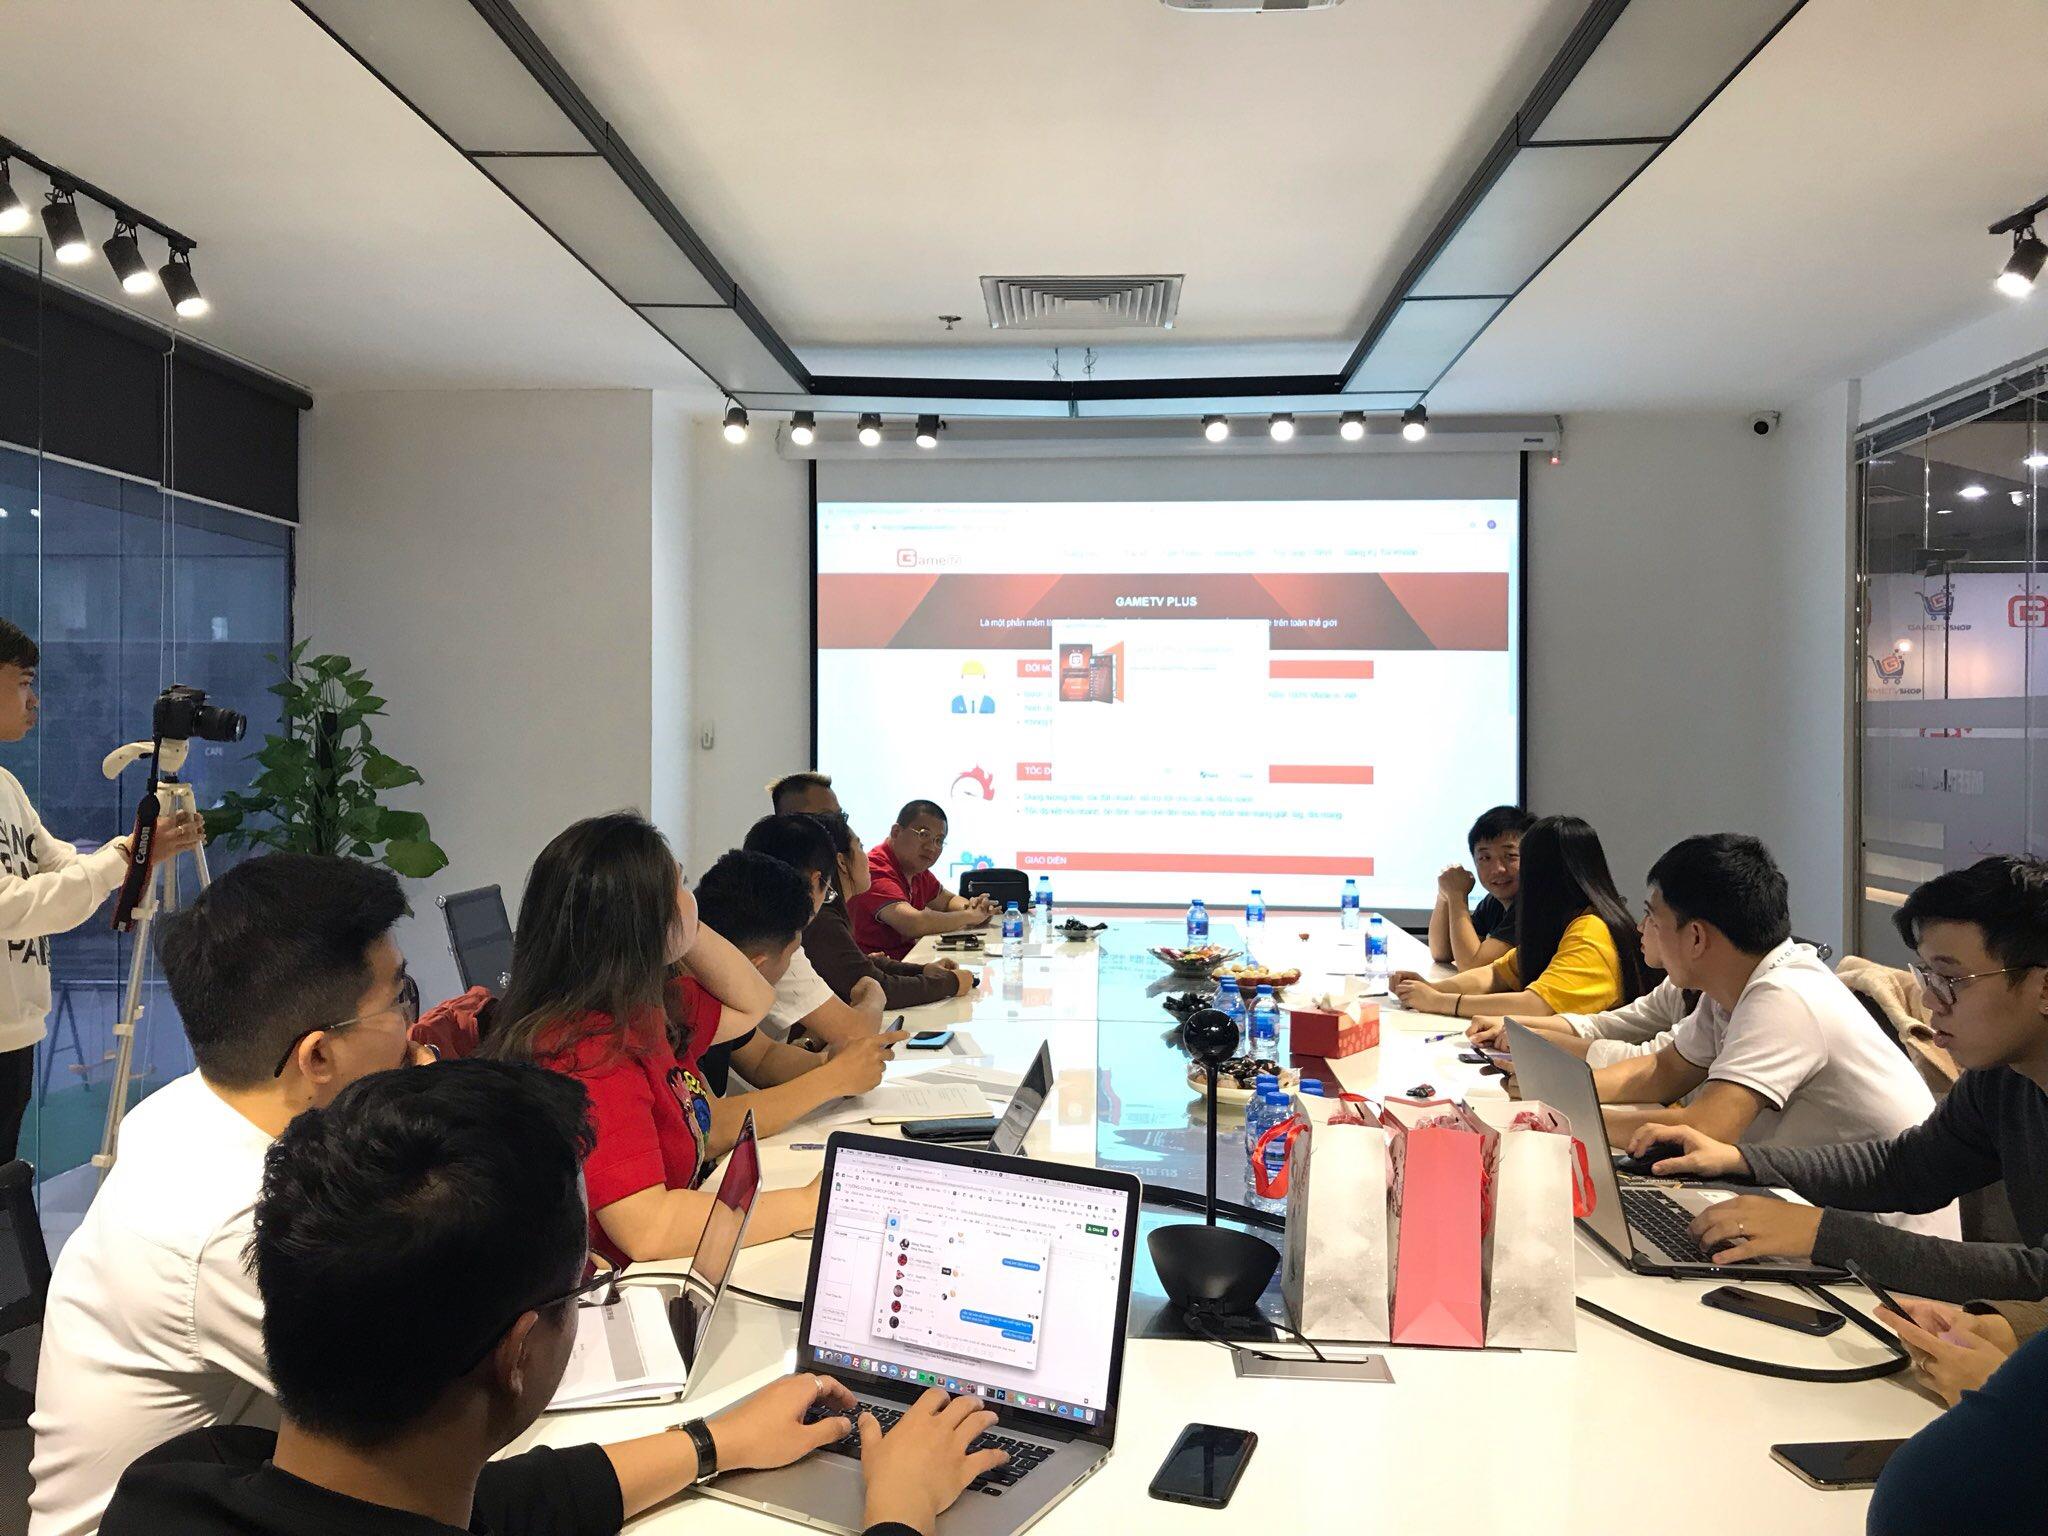 Bên cạnh đó, hai bên cũng trao đổi thêm về sự kiện giao hữu AoE giữa Việt Nam và Trung Quốc sắp tới